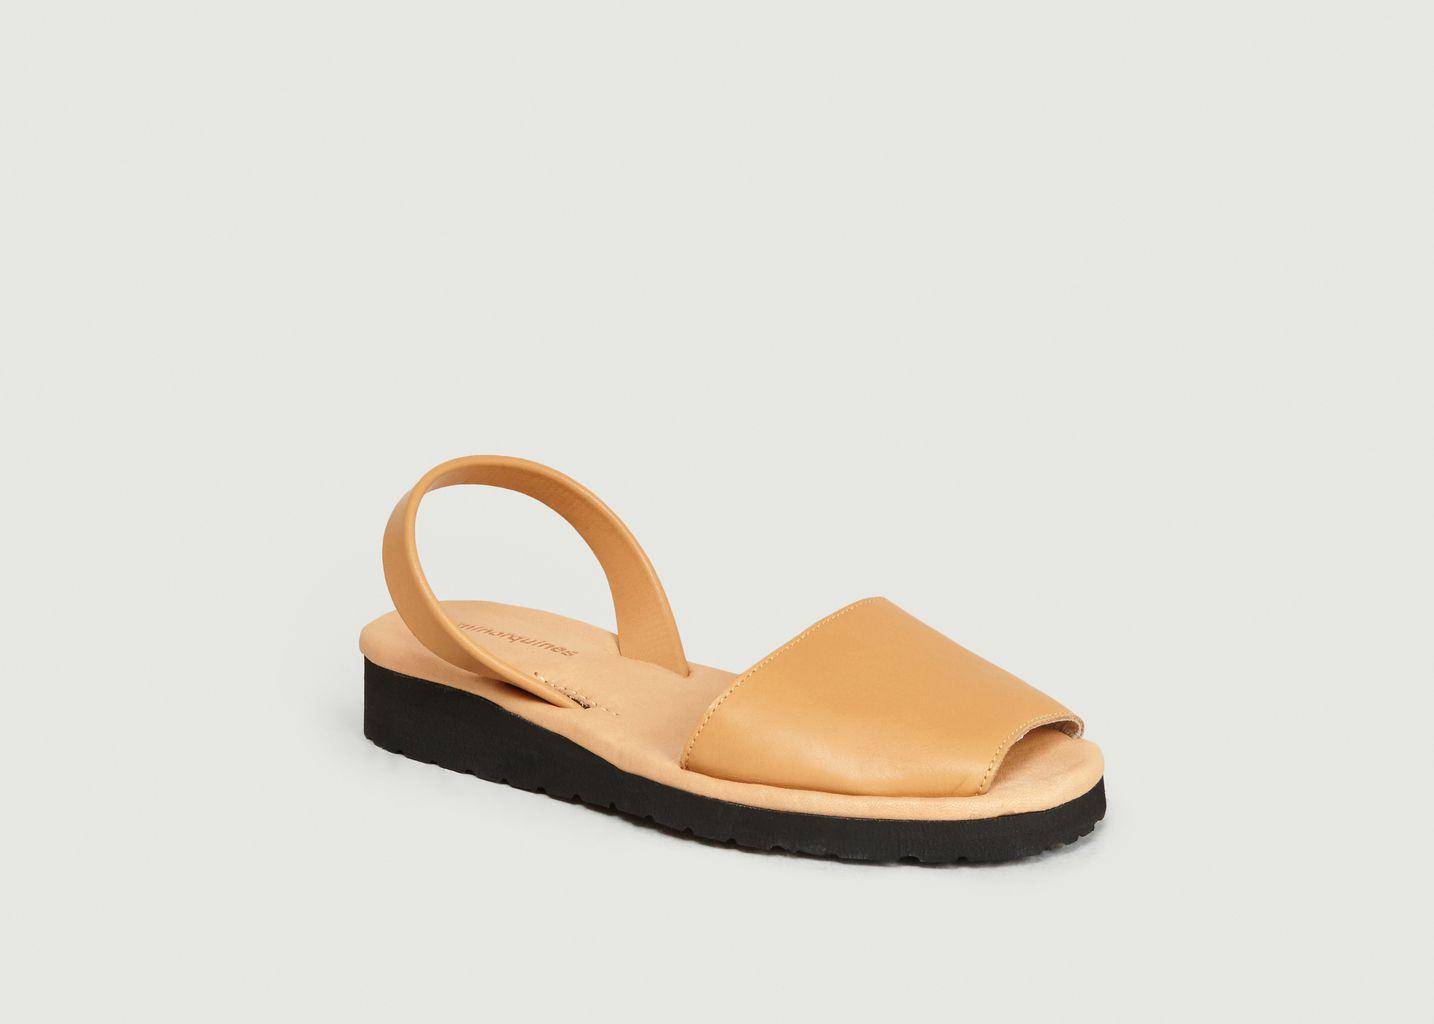 Sandales en cuir Avarca Platja - Minorquines